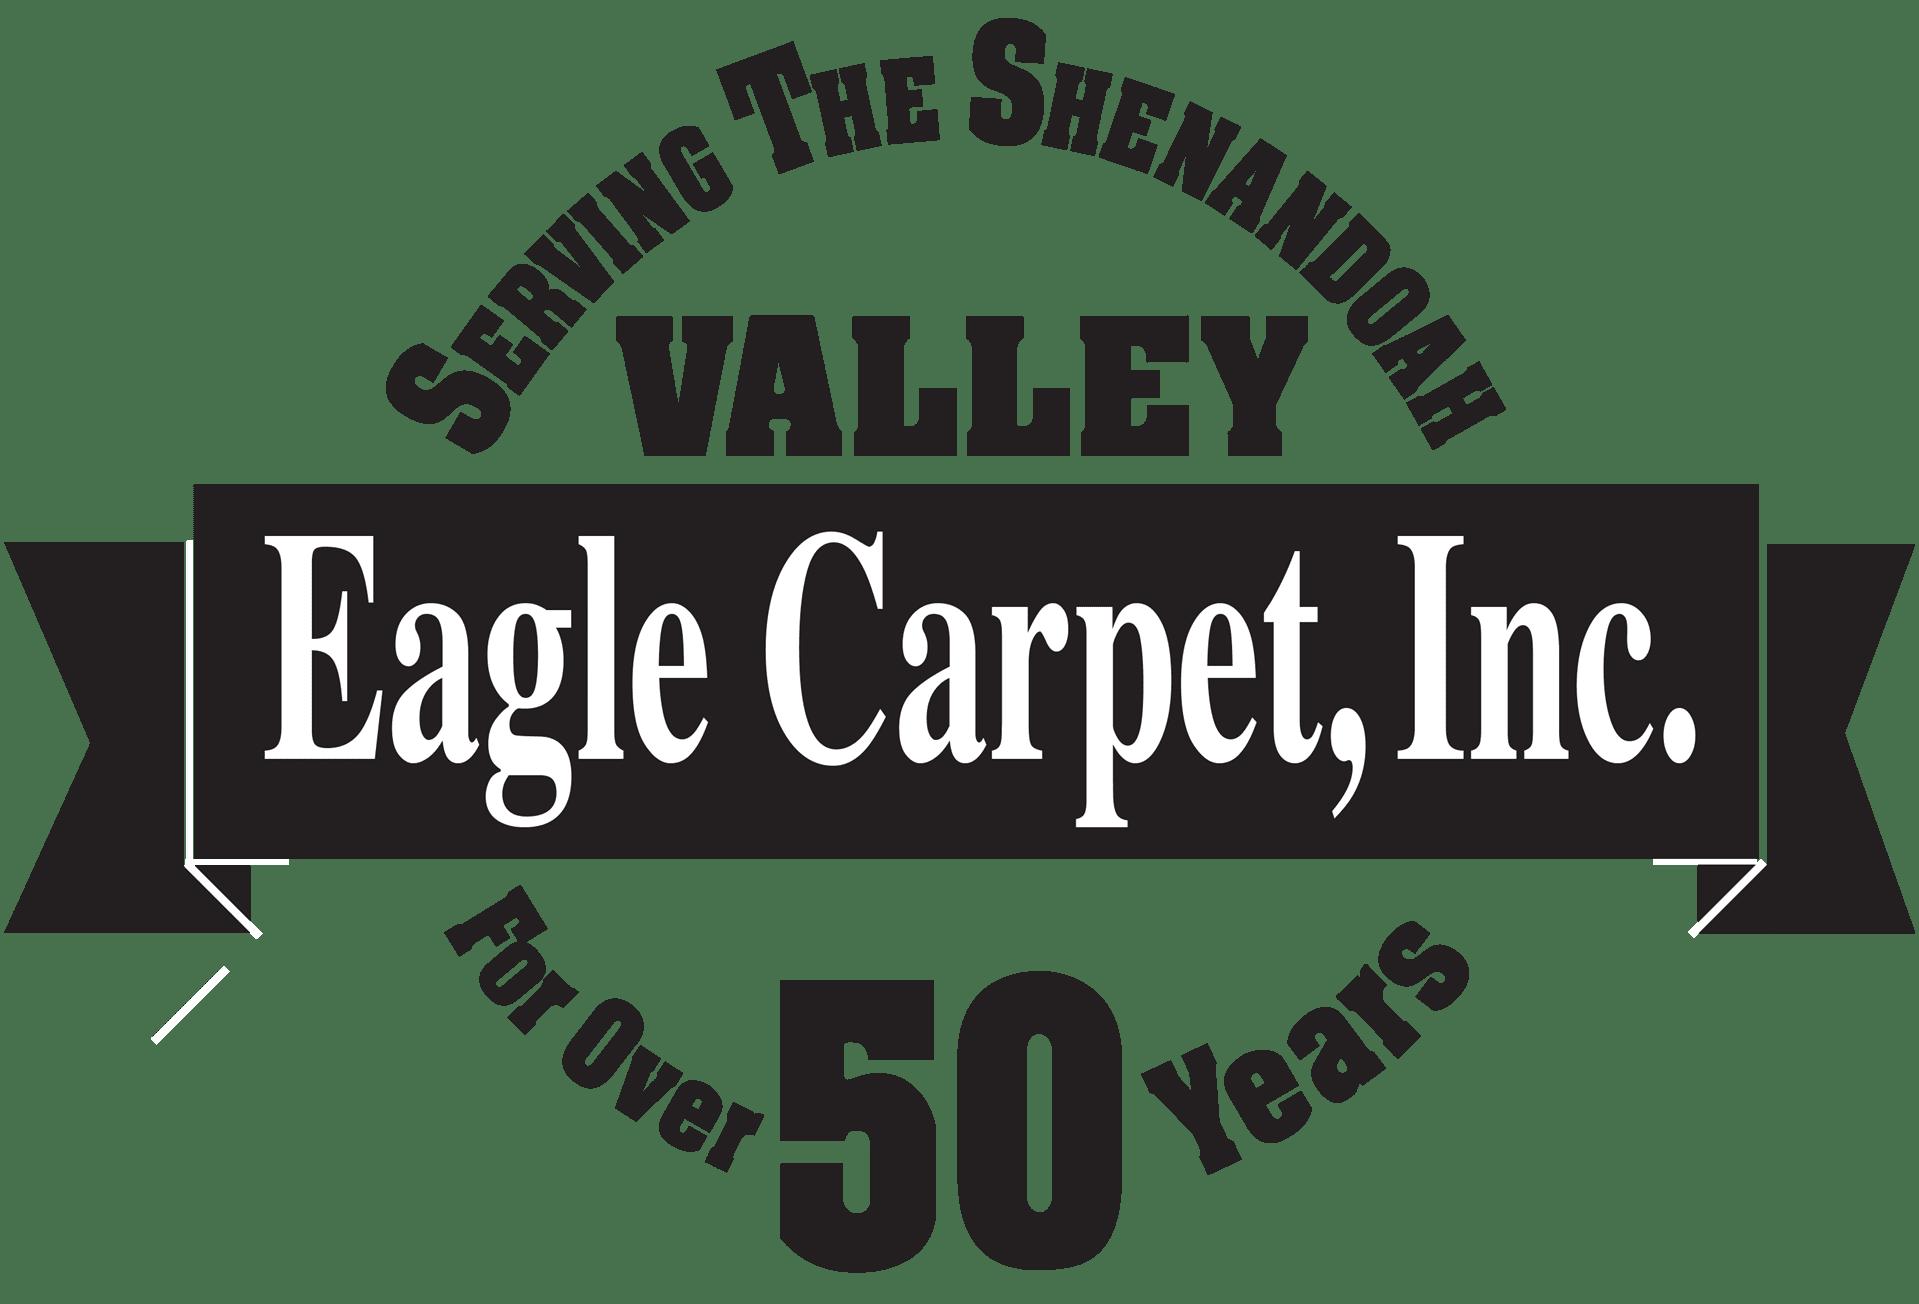 Eagle Carpet, Inc.